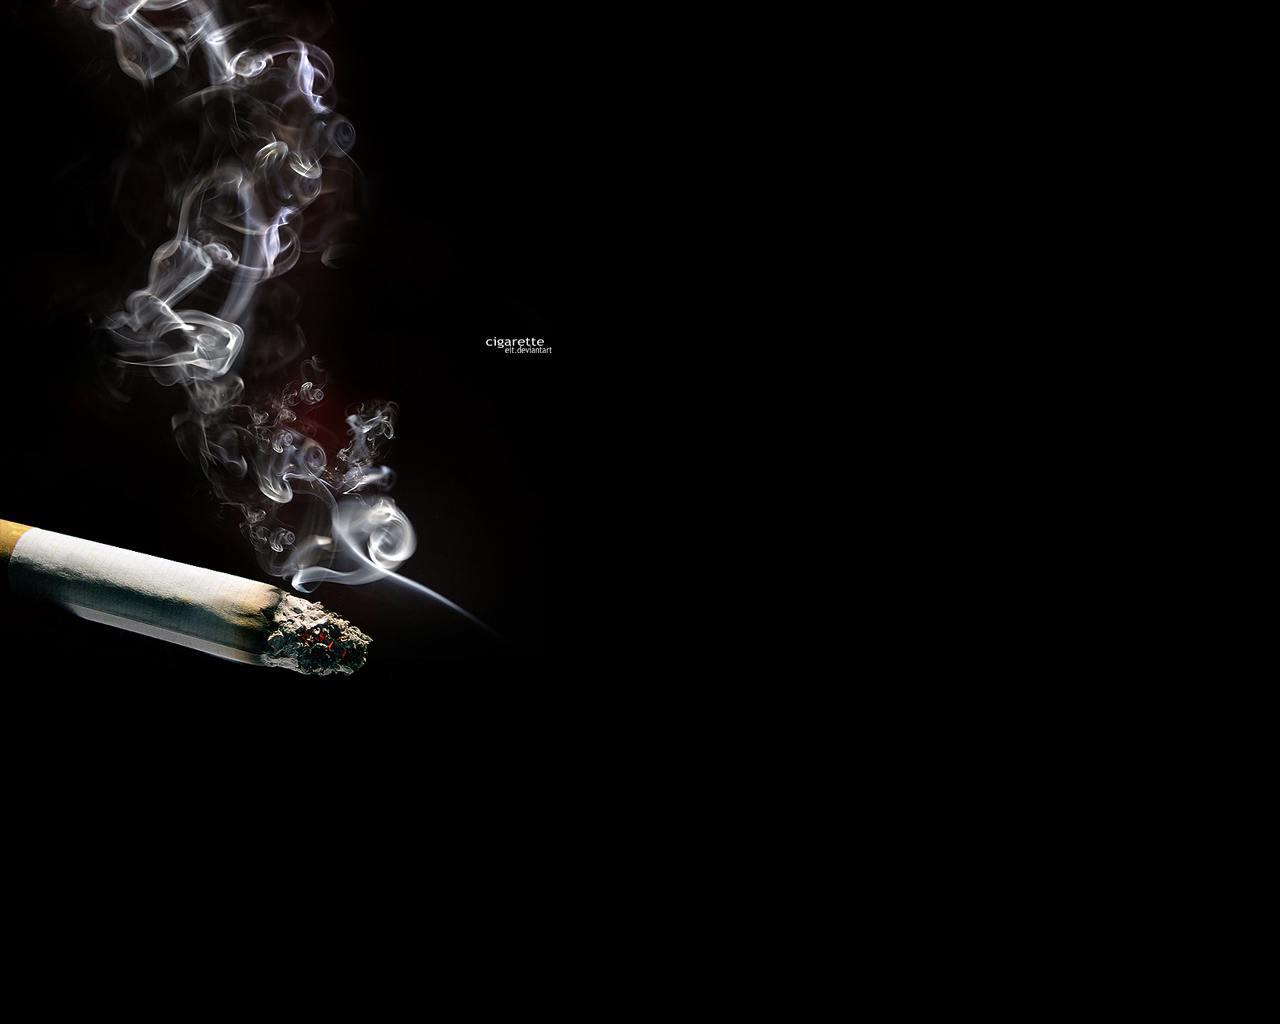 smoking wallpaper girl cigarette smoking wallpaper cigarette smoking 1280x1024